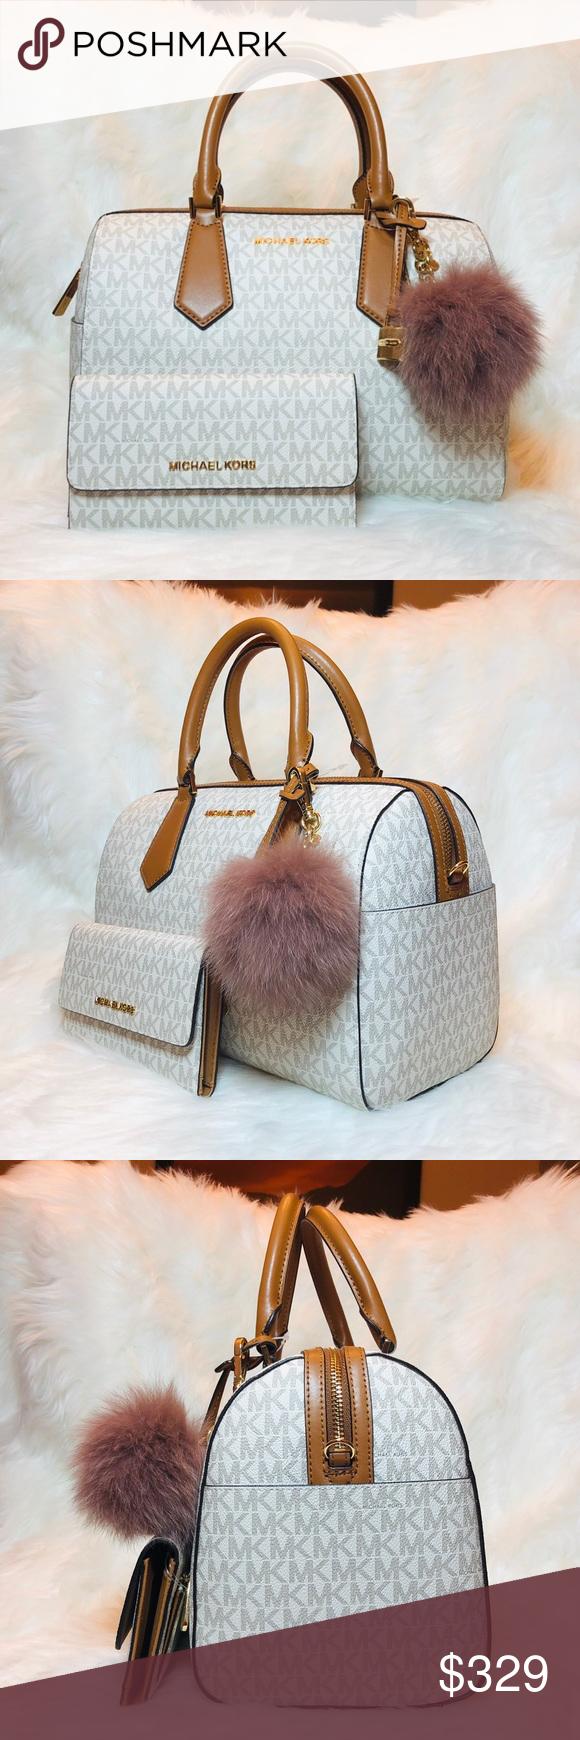 44287f80ec3d 3PCS Michael Kors Hayes Duffle Bag Wallet Charms Michael Kors Hayes large  duffle bag vanilla acorn